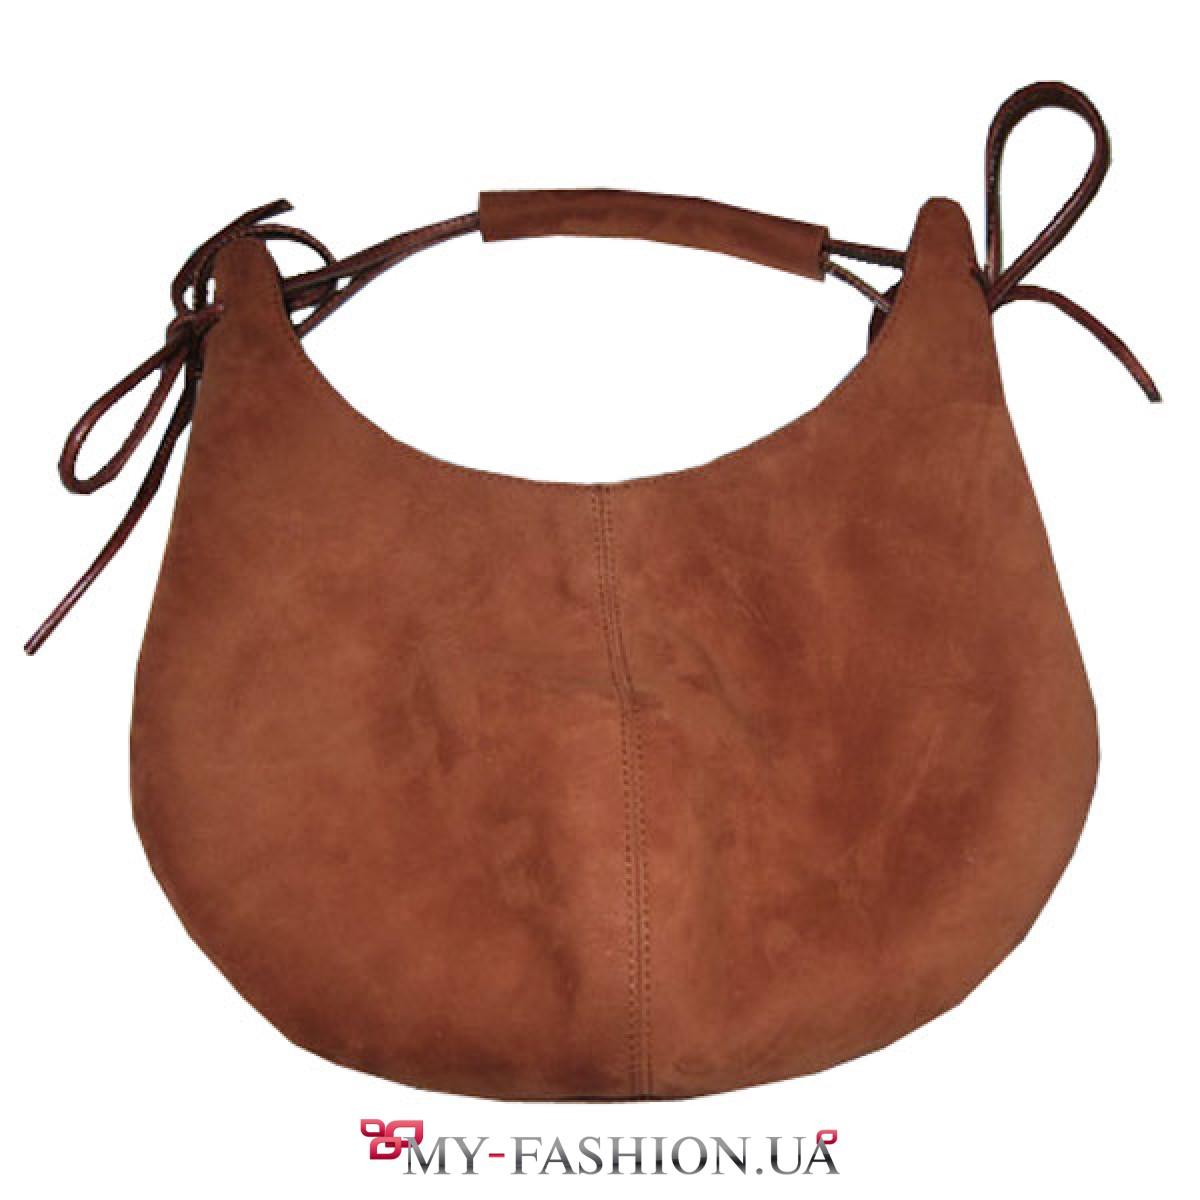 86797f606586 Коричневая сумка-мешок из натуральной замши